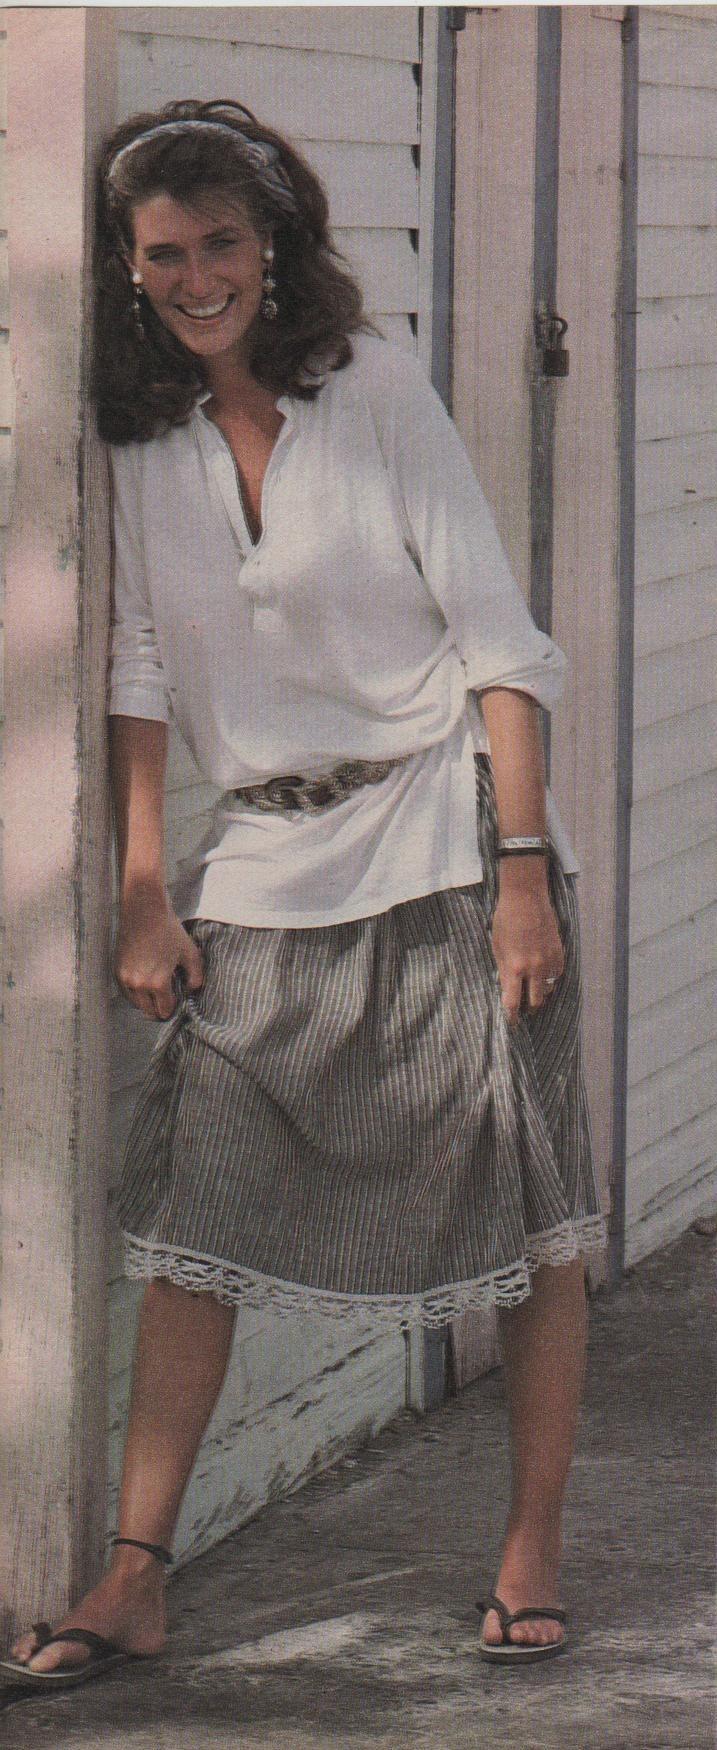 Annalise Basso Hot clip Tsuru Aoki,Srividya